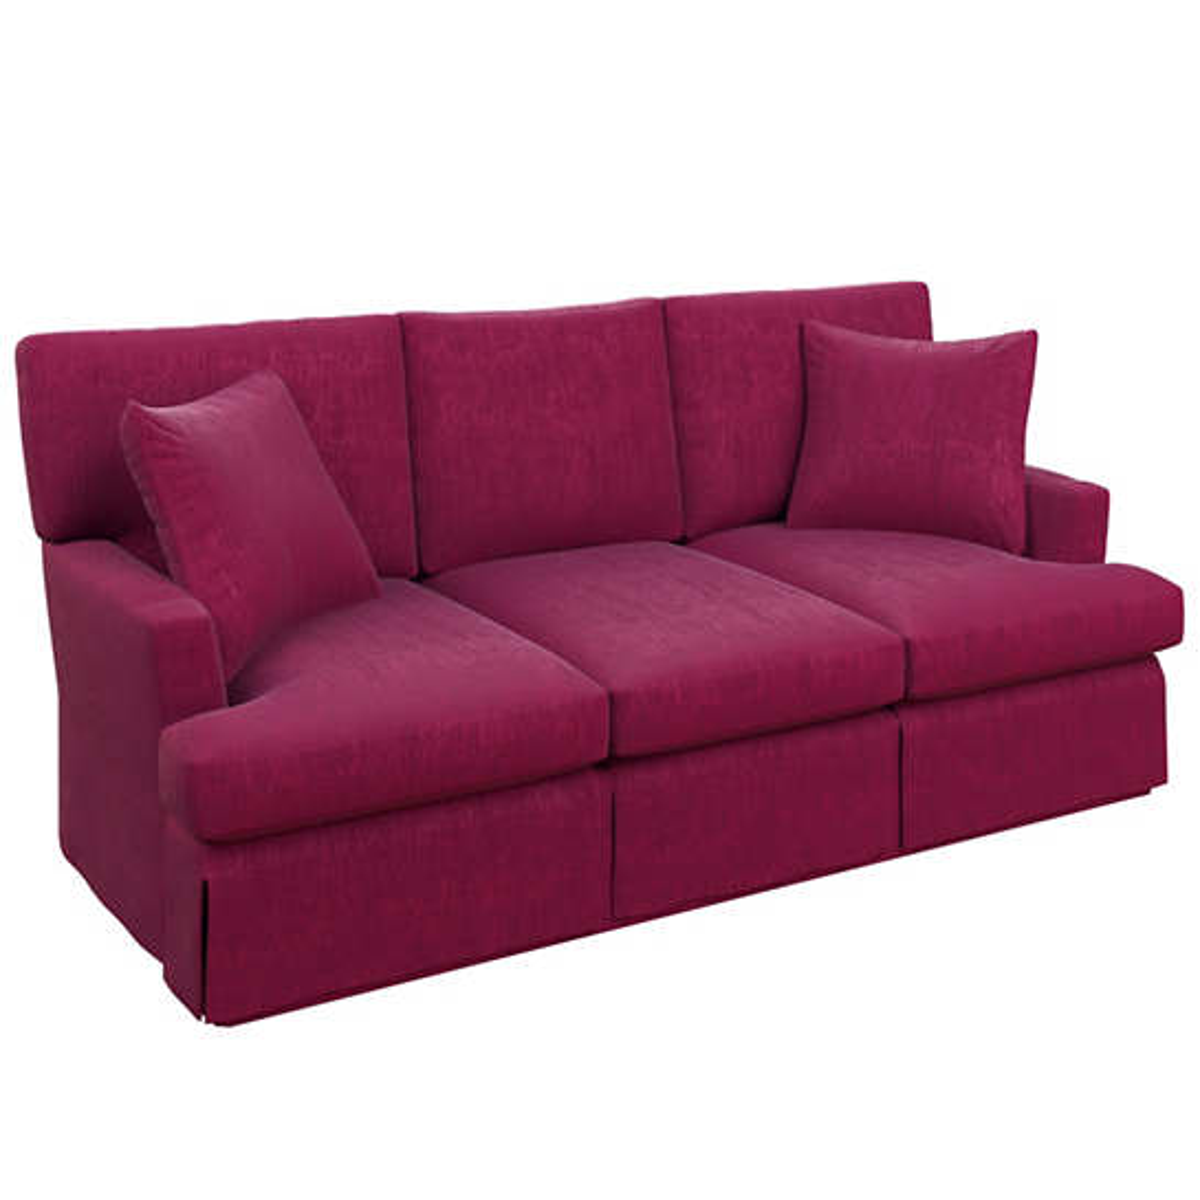 Plush Velvet Claret Saybrook 3 Seater Upholstered Sofa